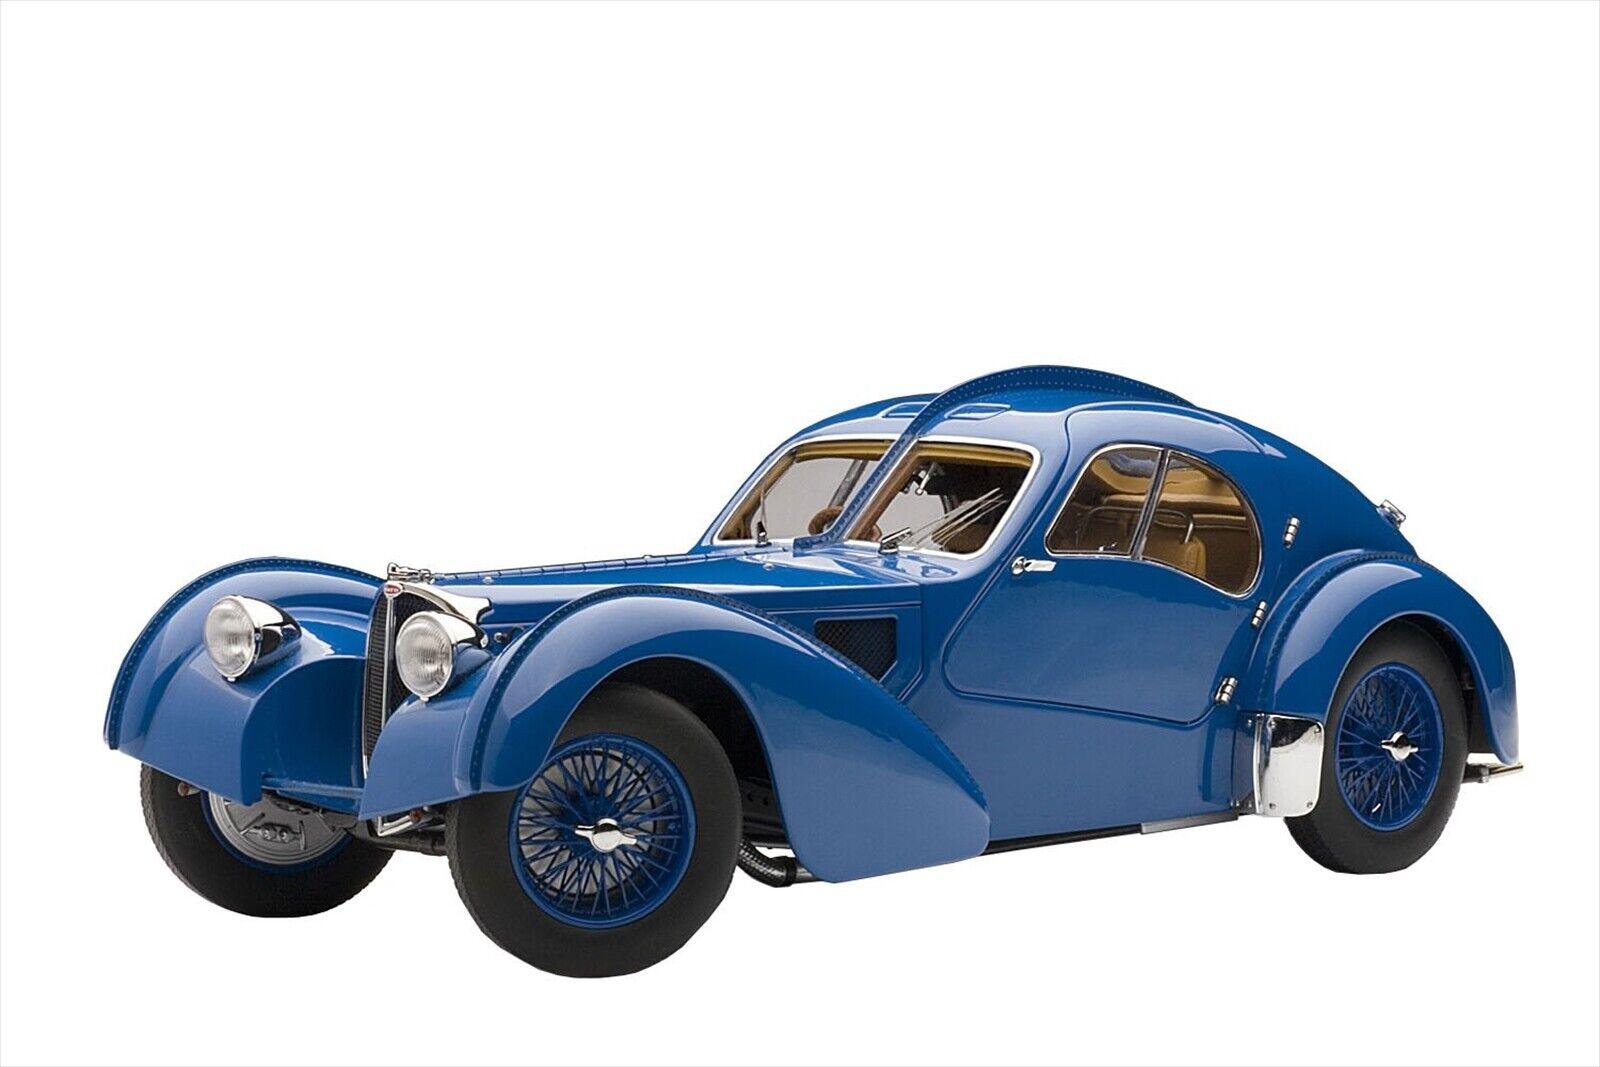 AUTOart 1 18 Bugatti Type 57SC Atlantic Blau w  Spoke Wheels Diecast Model 70942